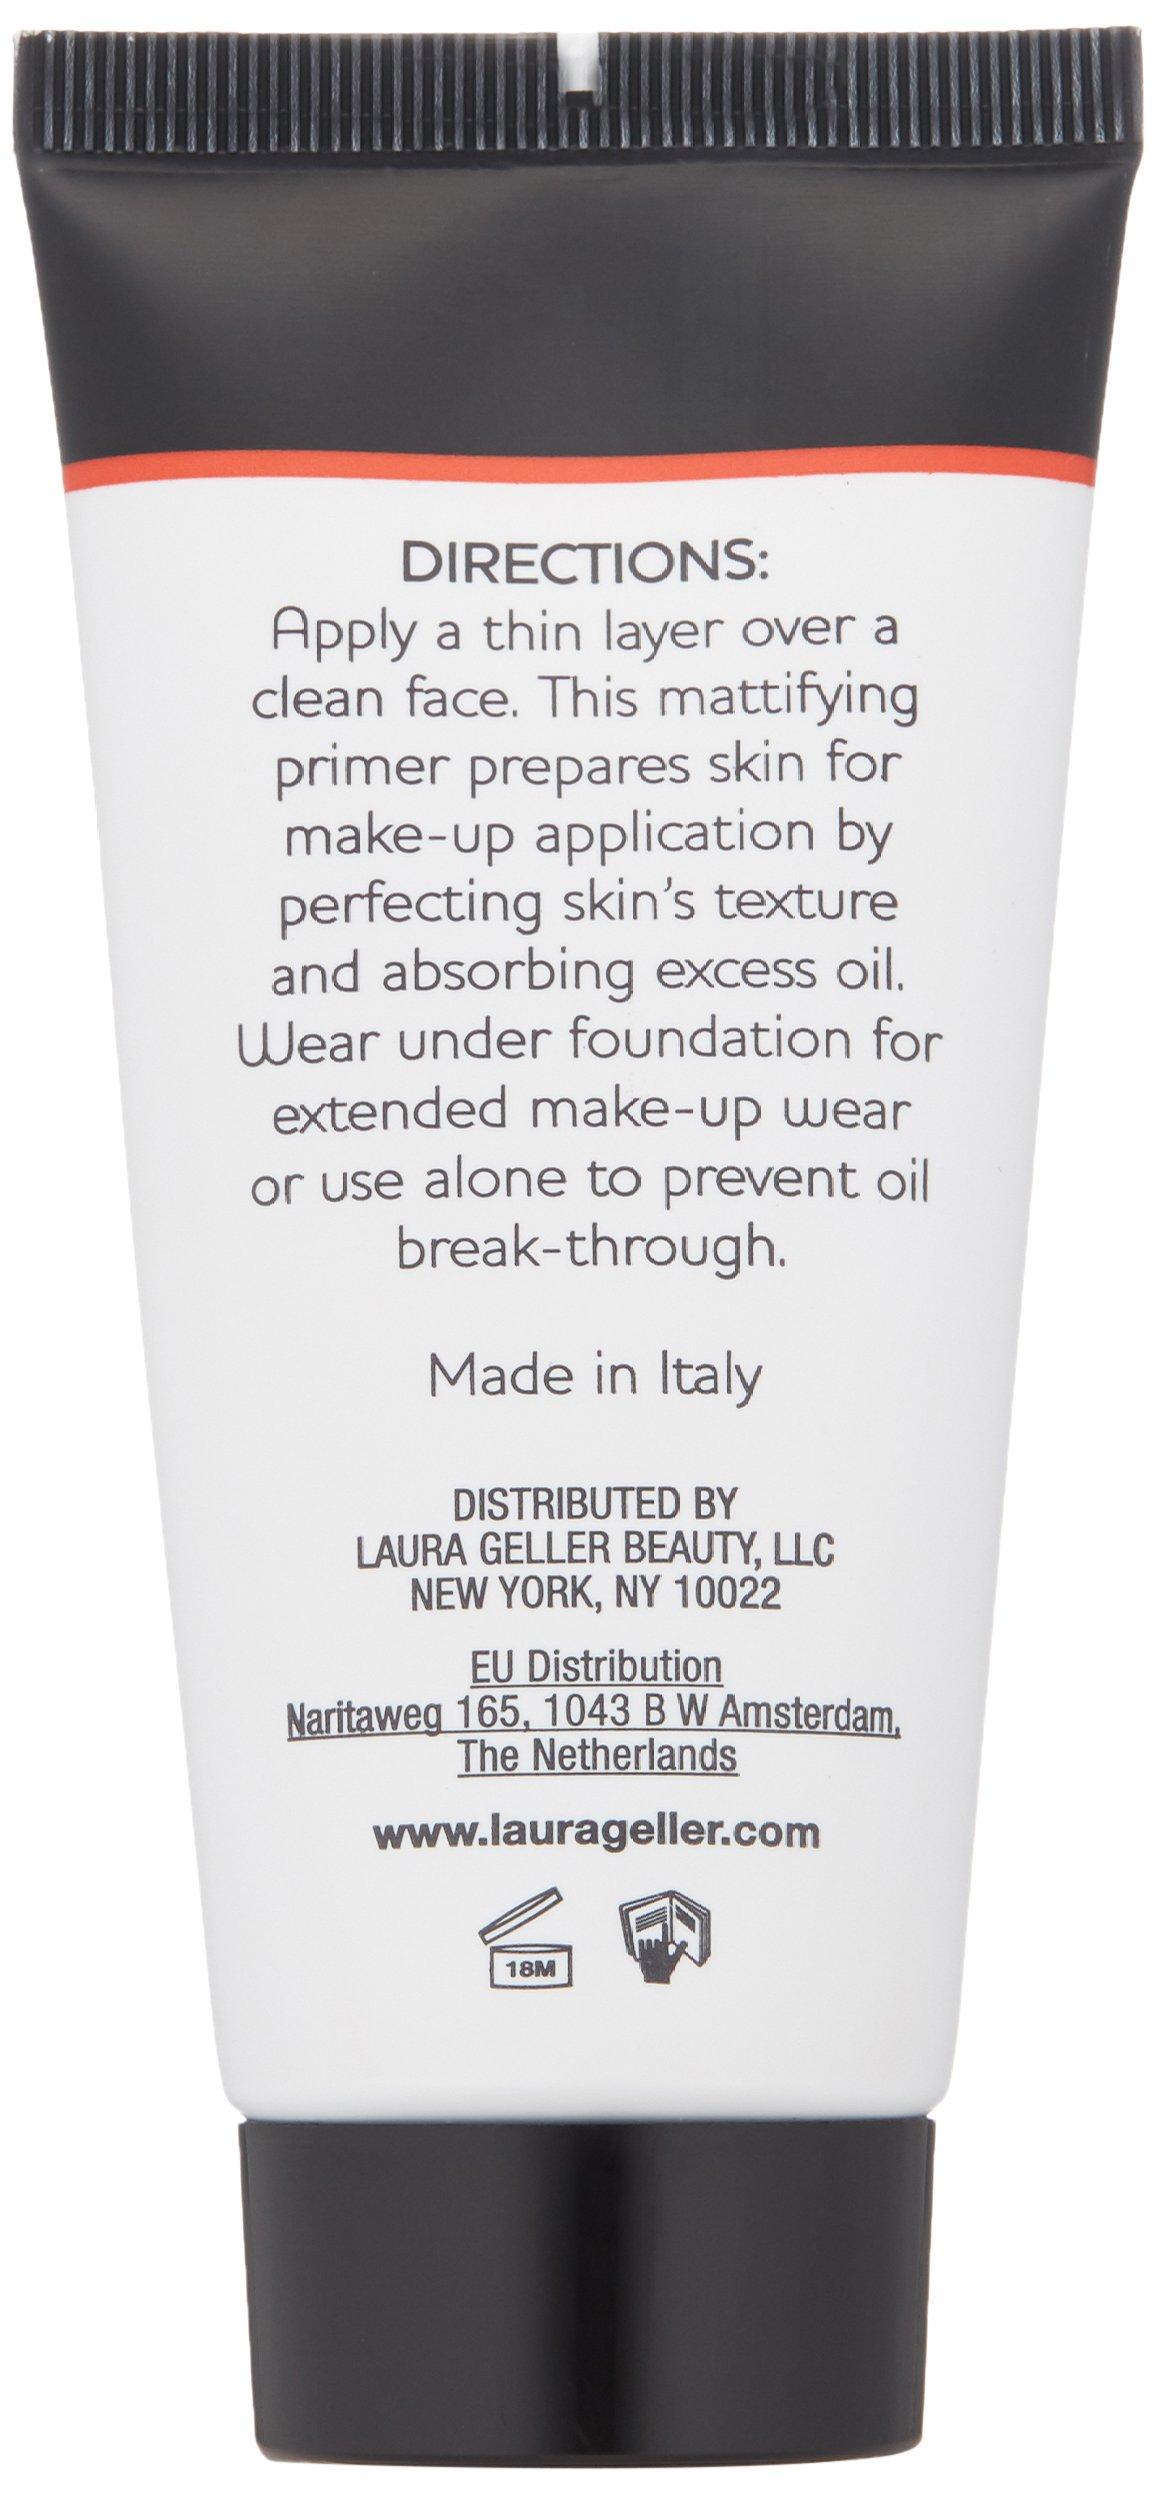 Laura Geller New York Spackle Mattifying Oil Control Under Make-up Primer, 2 fl oz.